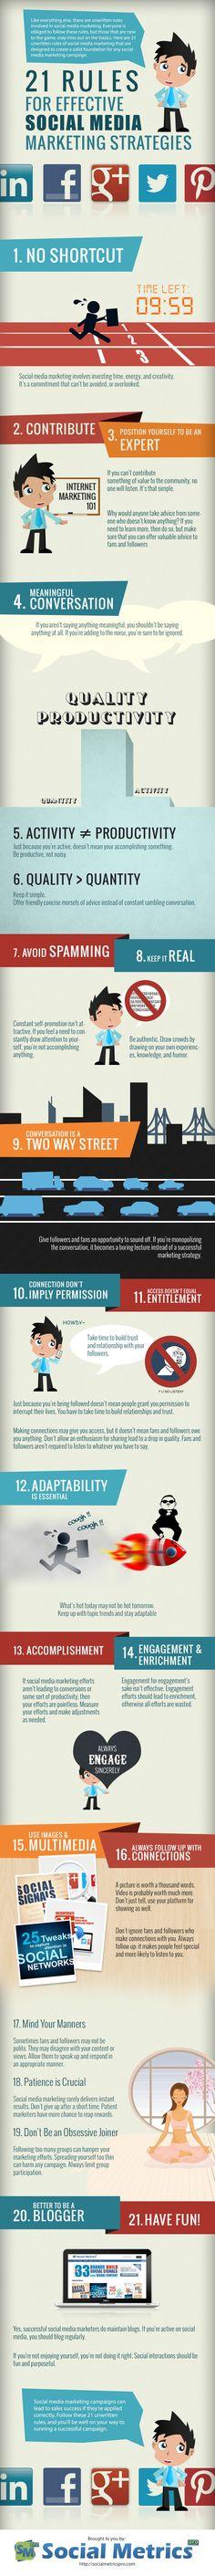 21 Social Media Marketing Tips